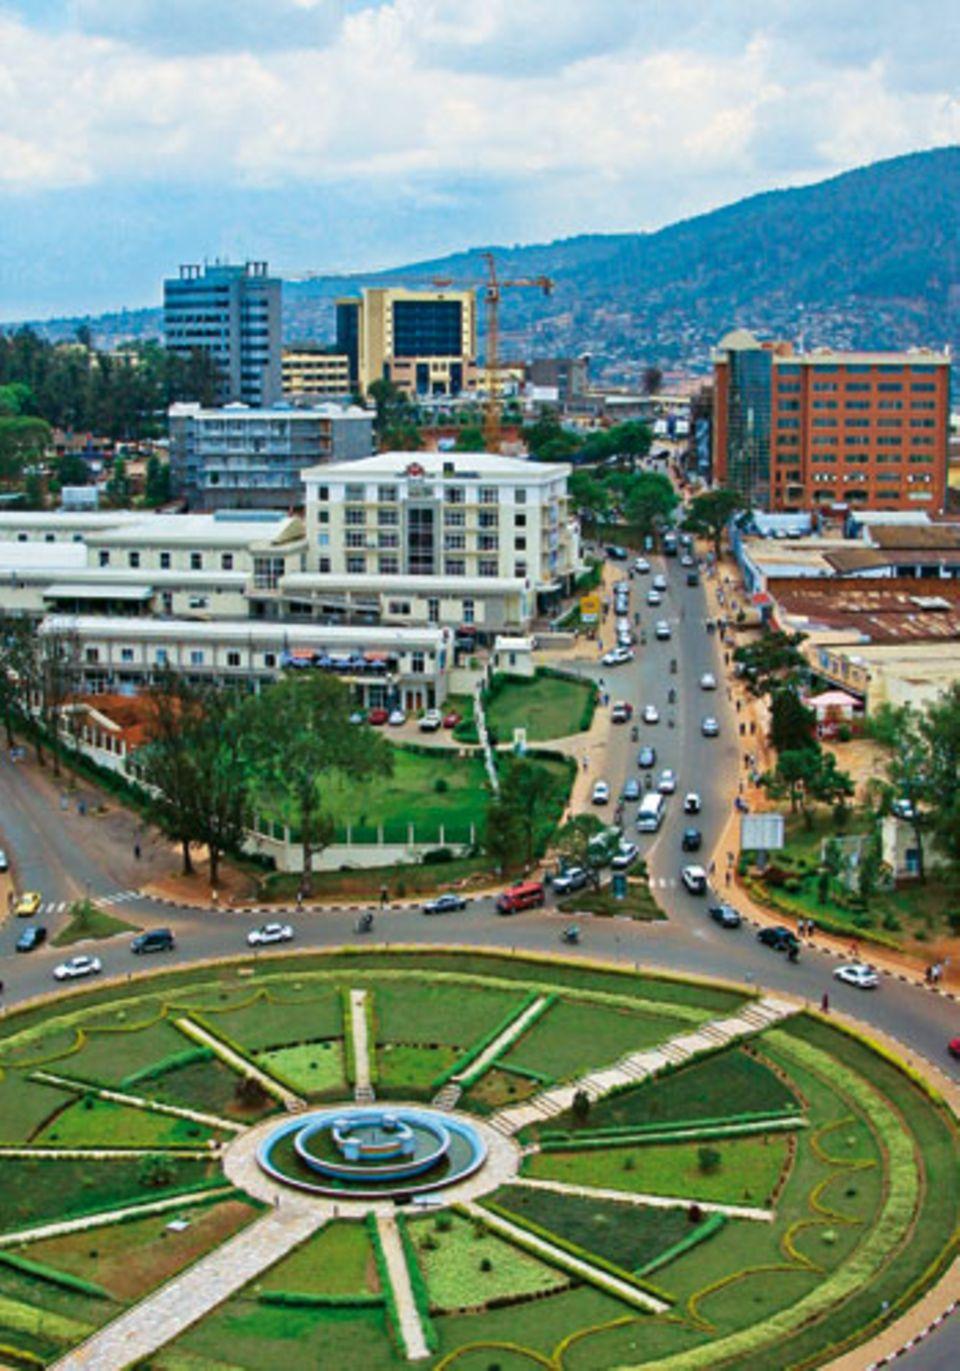 Wolkenkratzer, Shoppingcenter: Die Hauptstadt Kigali ist ein Wirtschaftszentrum in Ostafrika